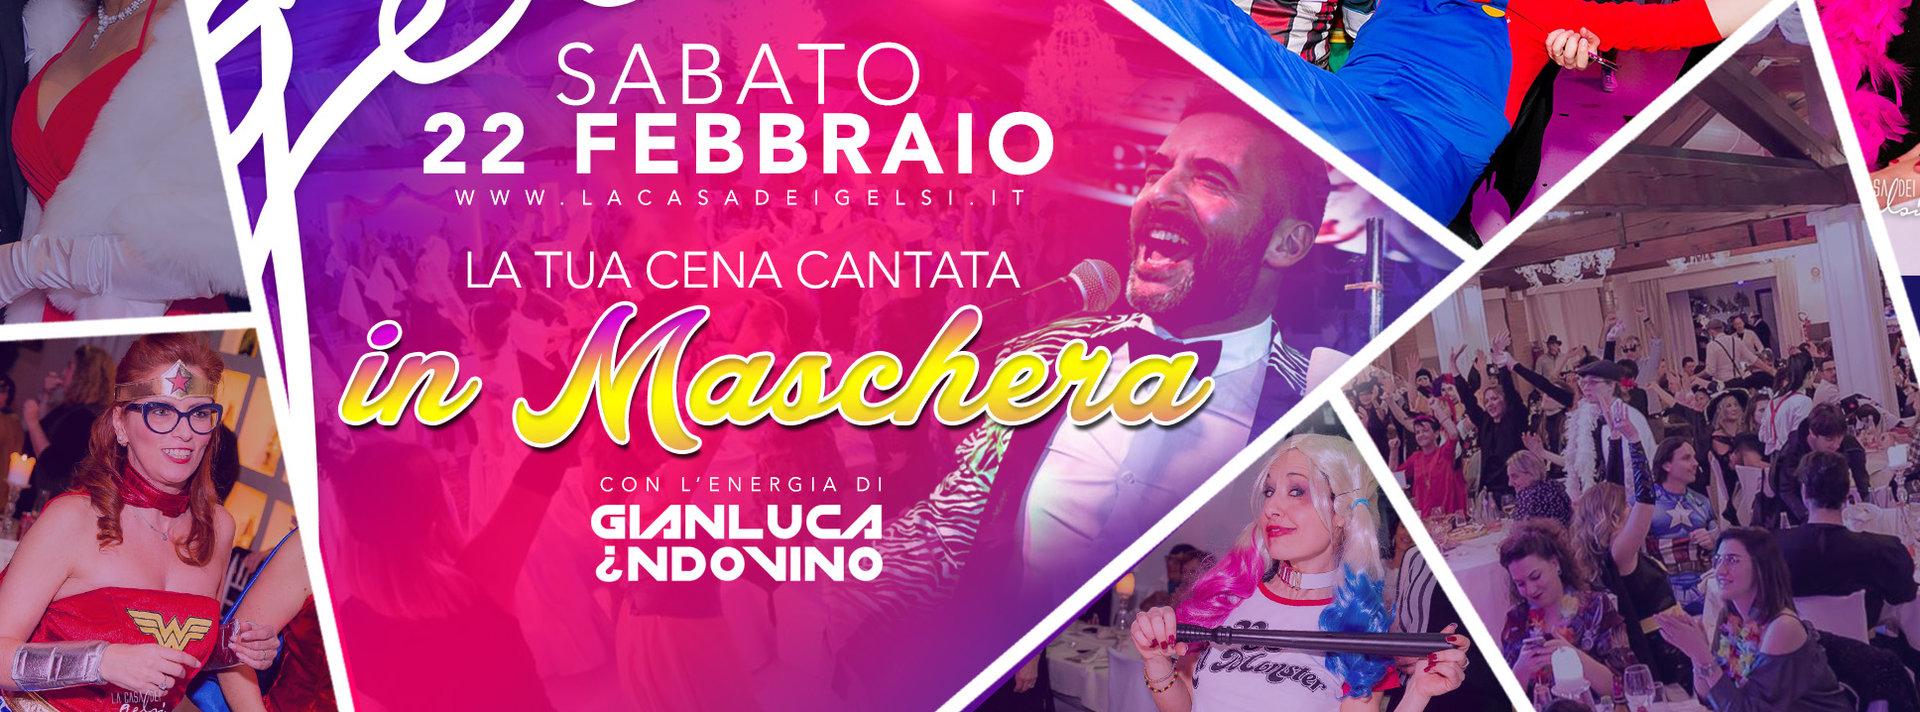 Cena carnevale Gelsi 2020 con Gianluca Indovino